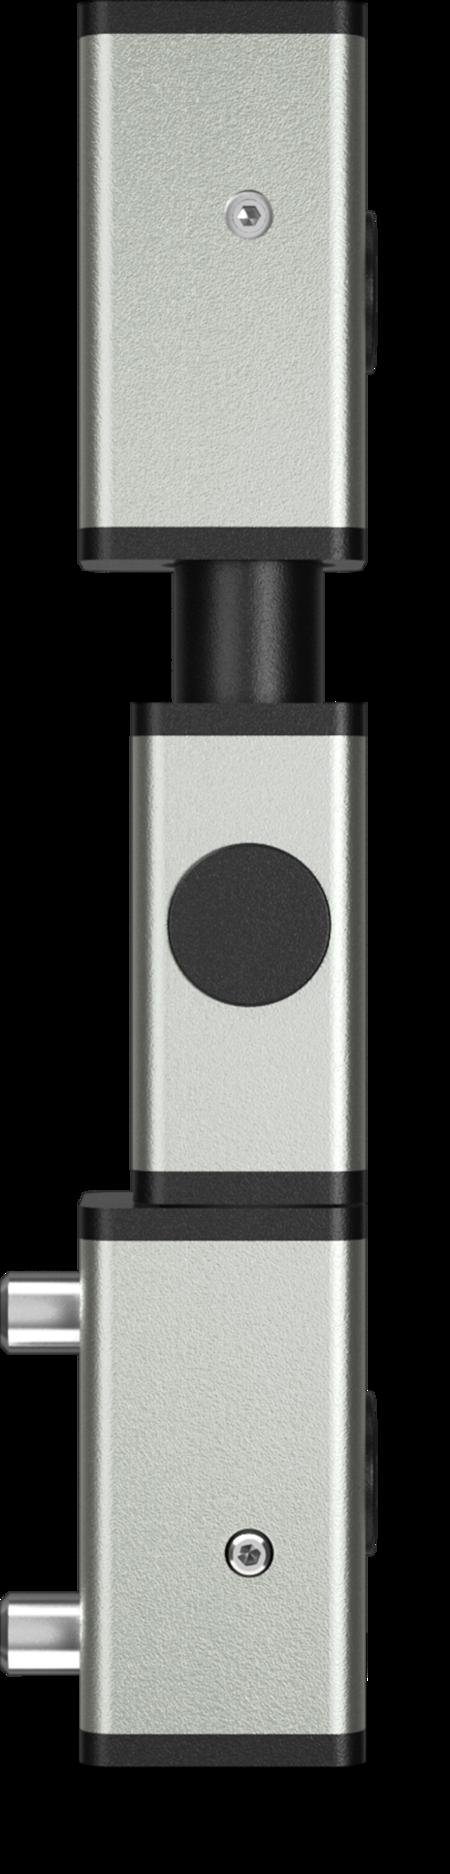 Eckscharnier 3-teilig Edelstahl, gesandstrahlt, links, steigend, für Türen ab 35 mm Überschlag, mit Zapfen, mit schwarzen Abdeckkappen